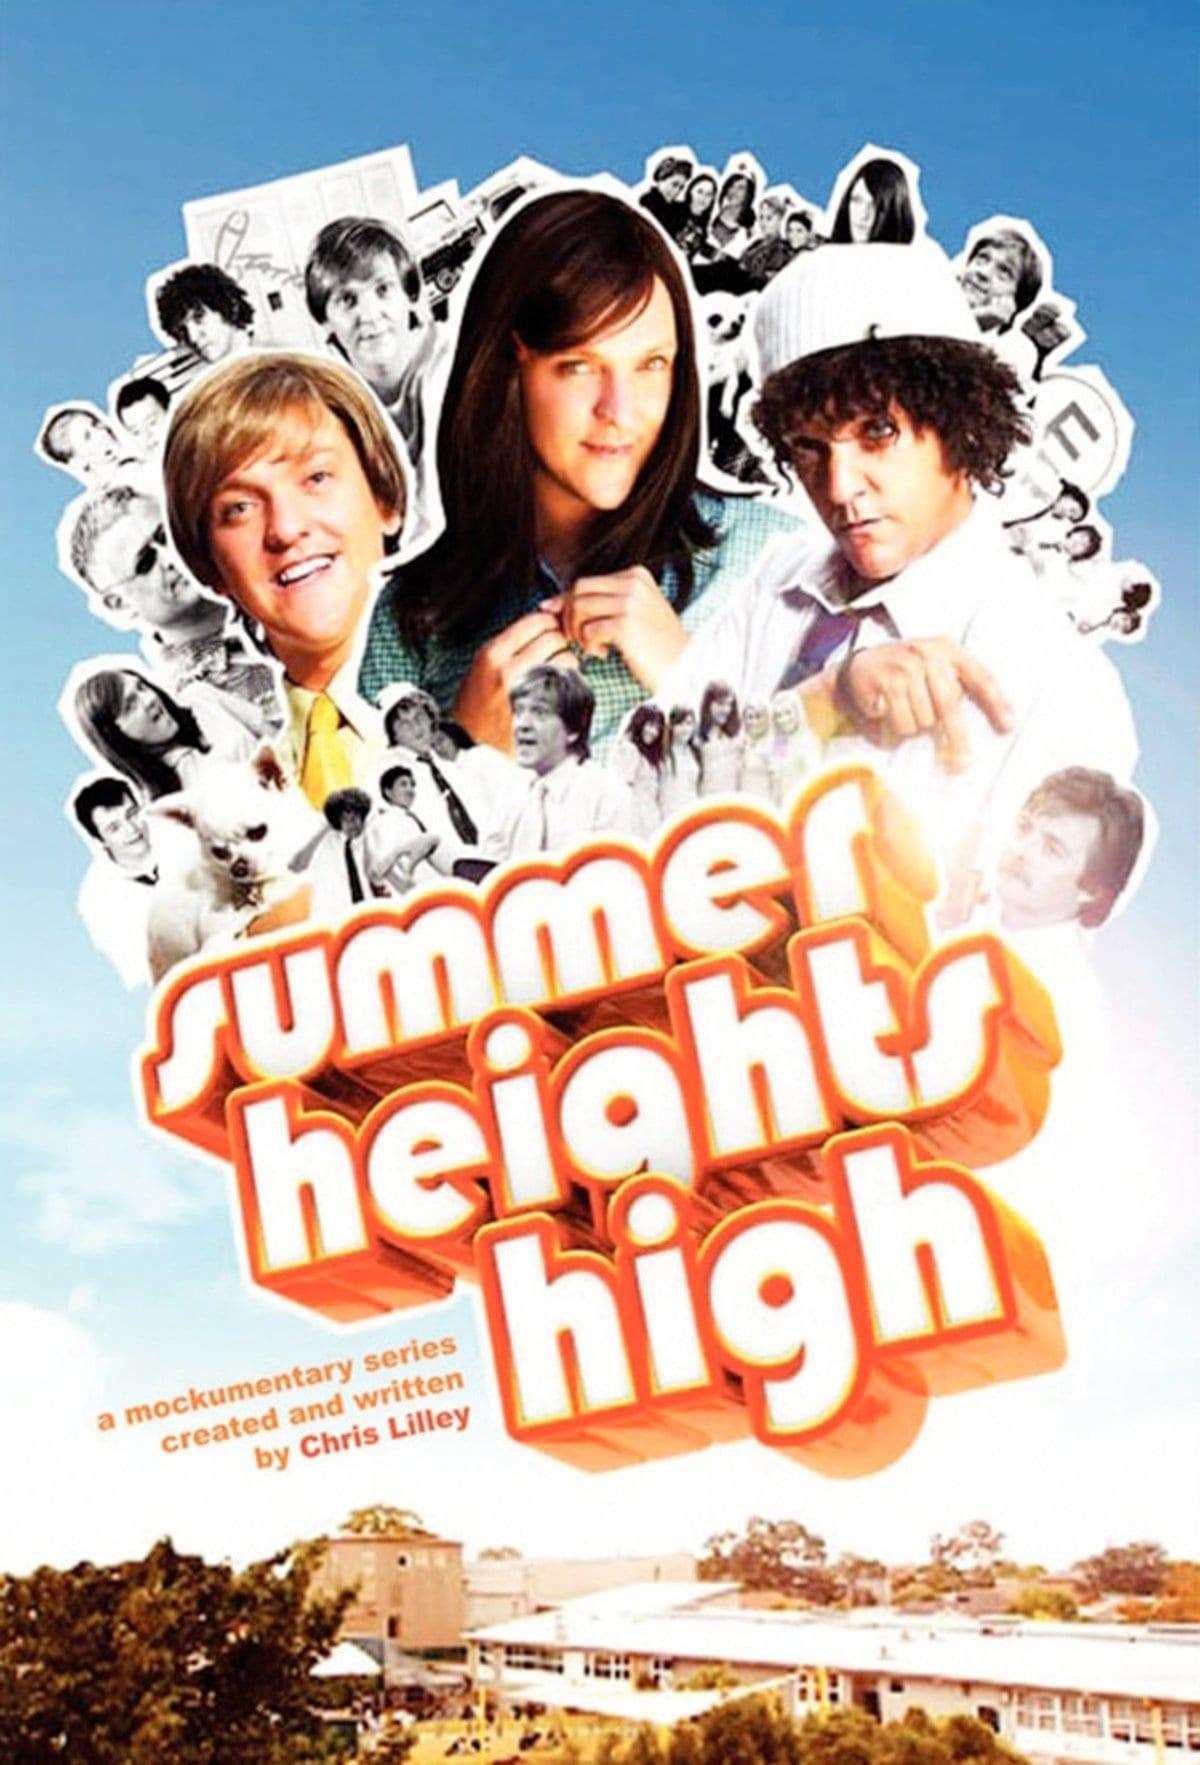 MakoStars LLC/ summer heights high